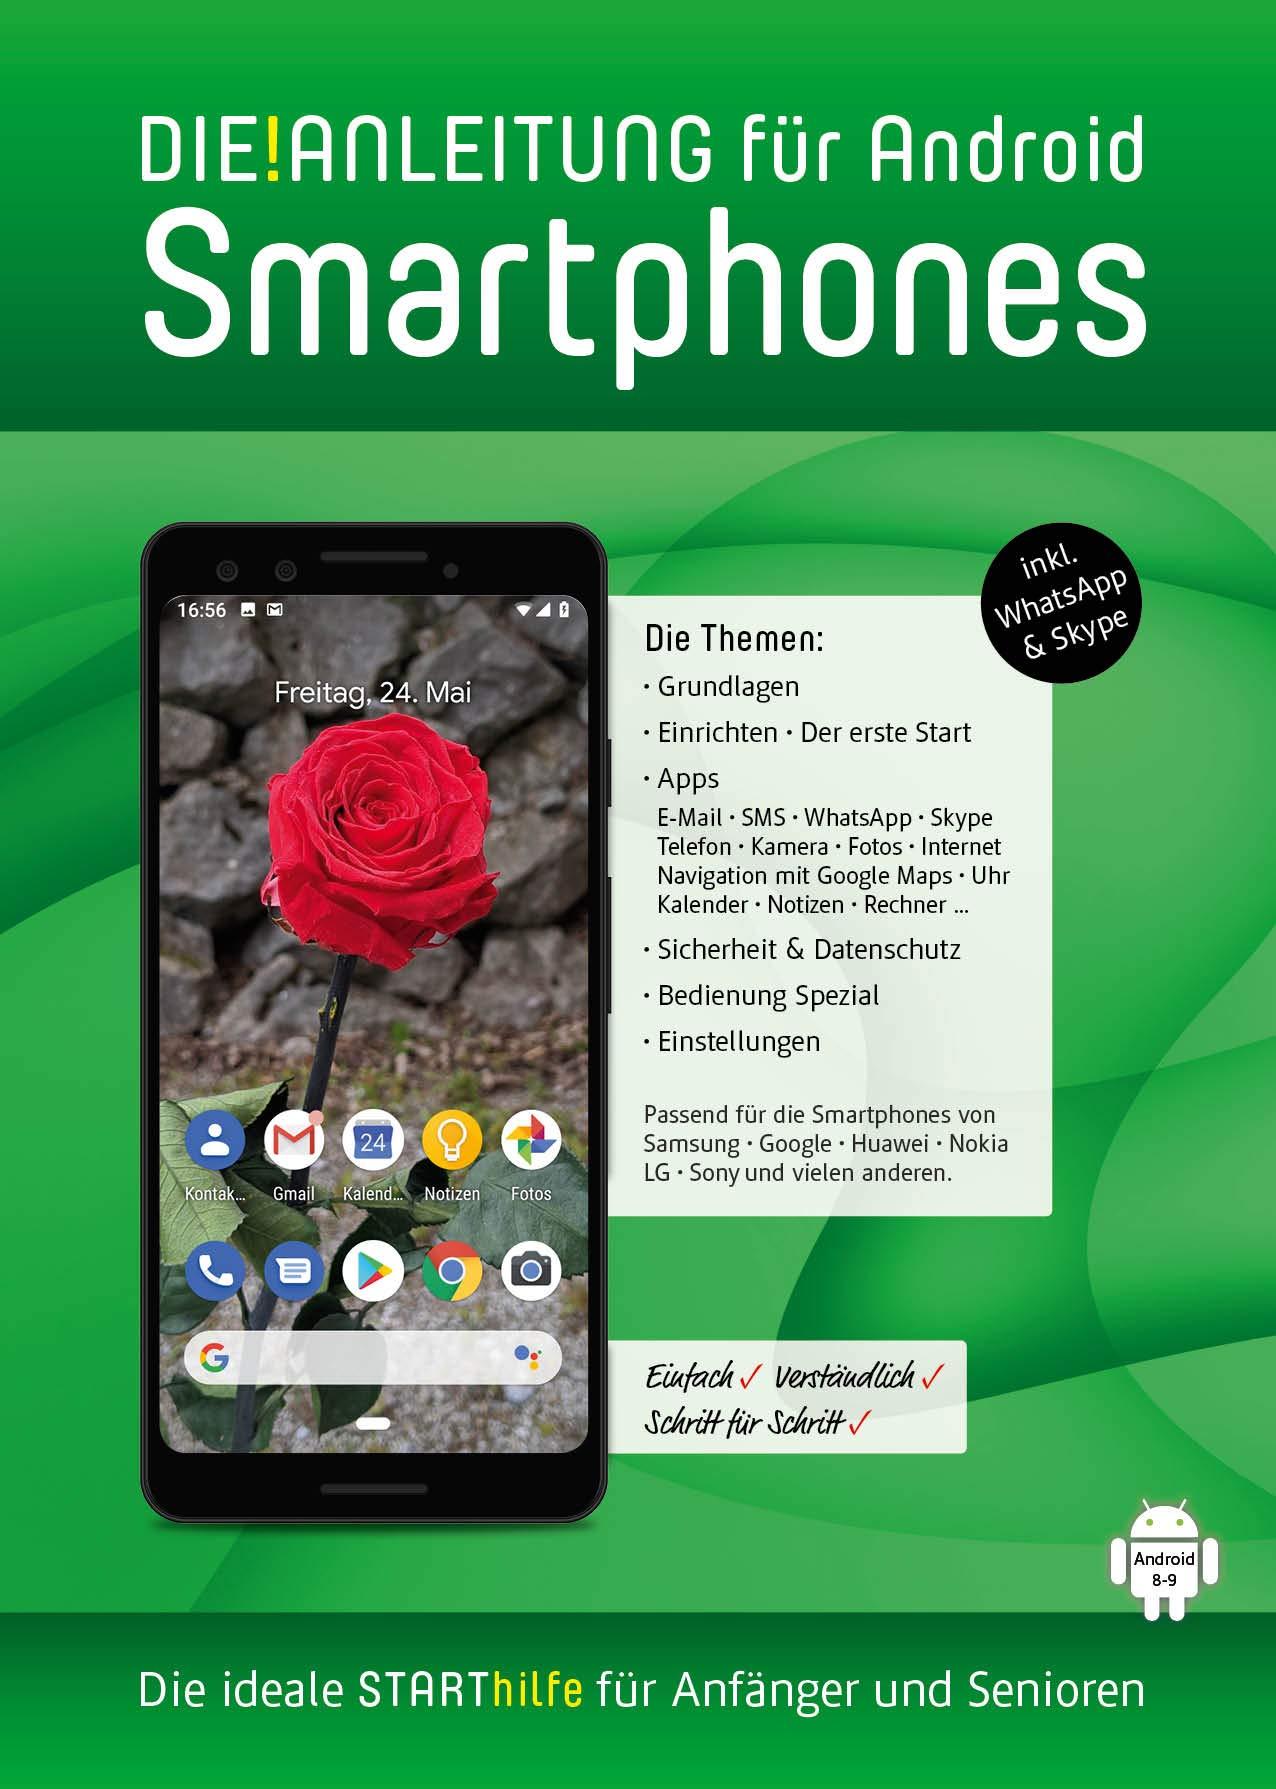 DIE ANLEITUNG für Smartphones mit Android 8/9: Speziell für ...